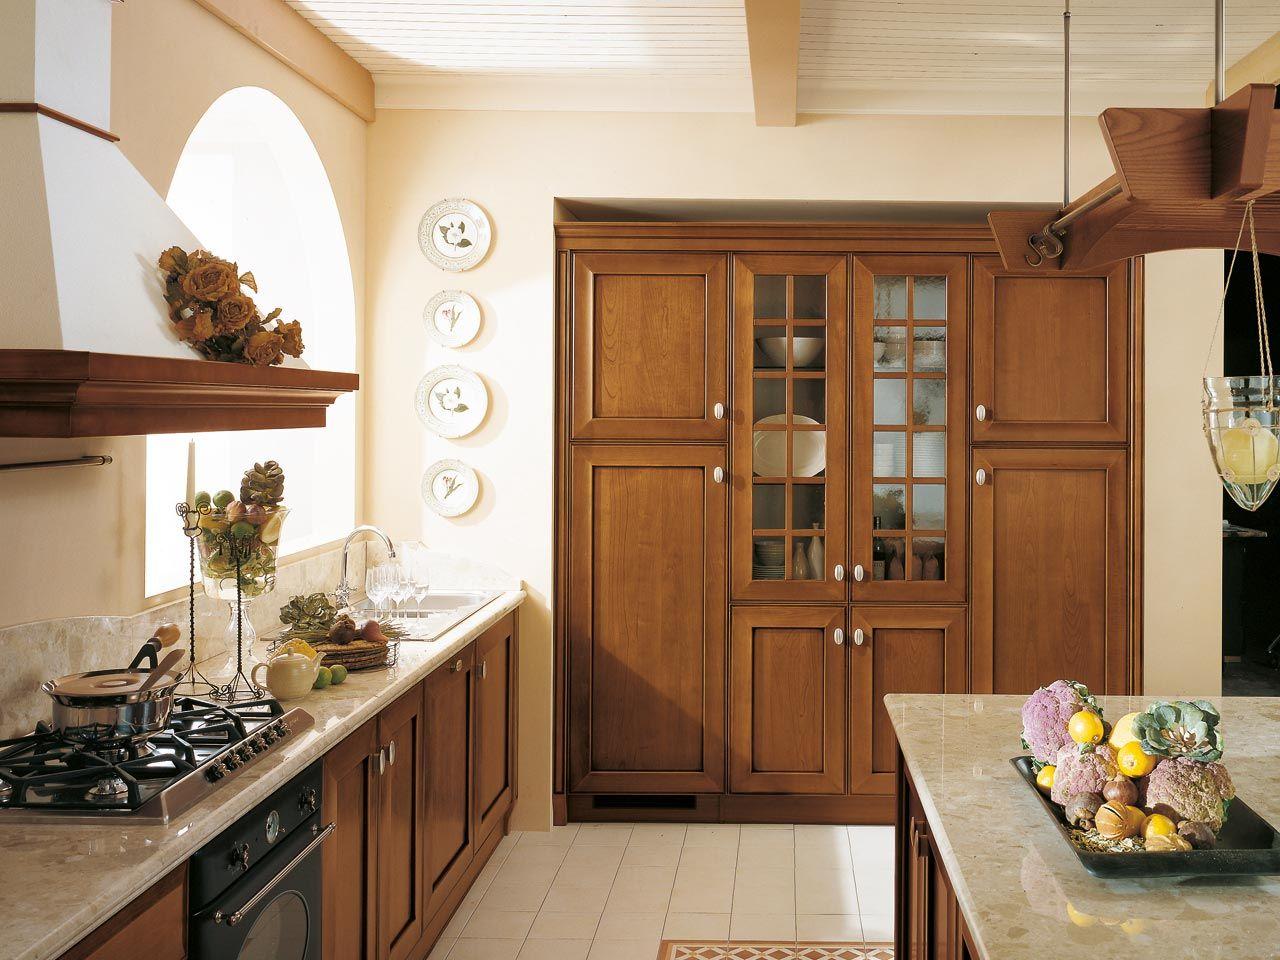 13 Idee Su Velia Ciliegio Cucine Lube Classiche Cucine Ciliegie Classico